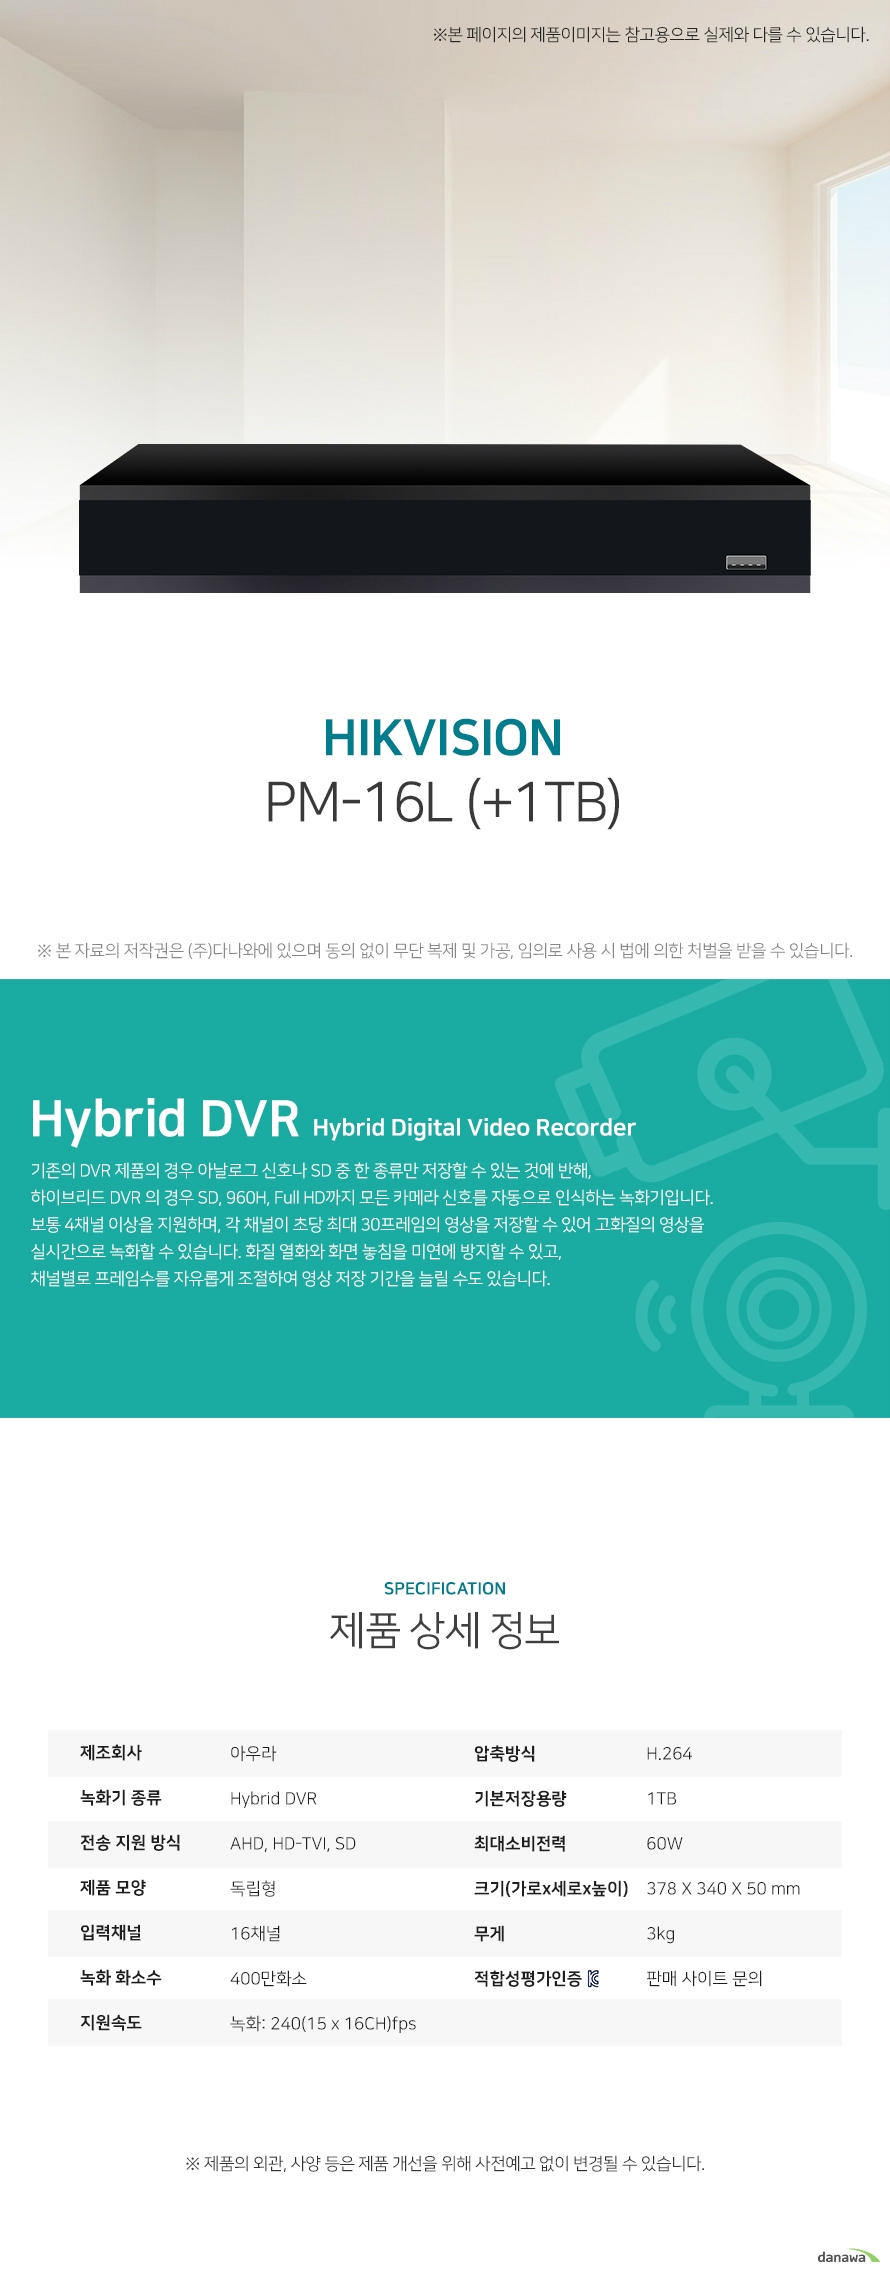 아우라 PM-16L (+1TB) 상세 스펙 Hybrid DVR / AHD / HD-TVI / SD / 독립형 / 16채널 / 400만화소 / 녹화: 240(15 x 16CH)fps / 압축방식: H.264 / 기본저장용량: 1TB / 스마트폰지원 / USB 백업 / 60W / 가로: 378mm / 세로: 340mm / 높이: 50mm / 무게: 3kg